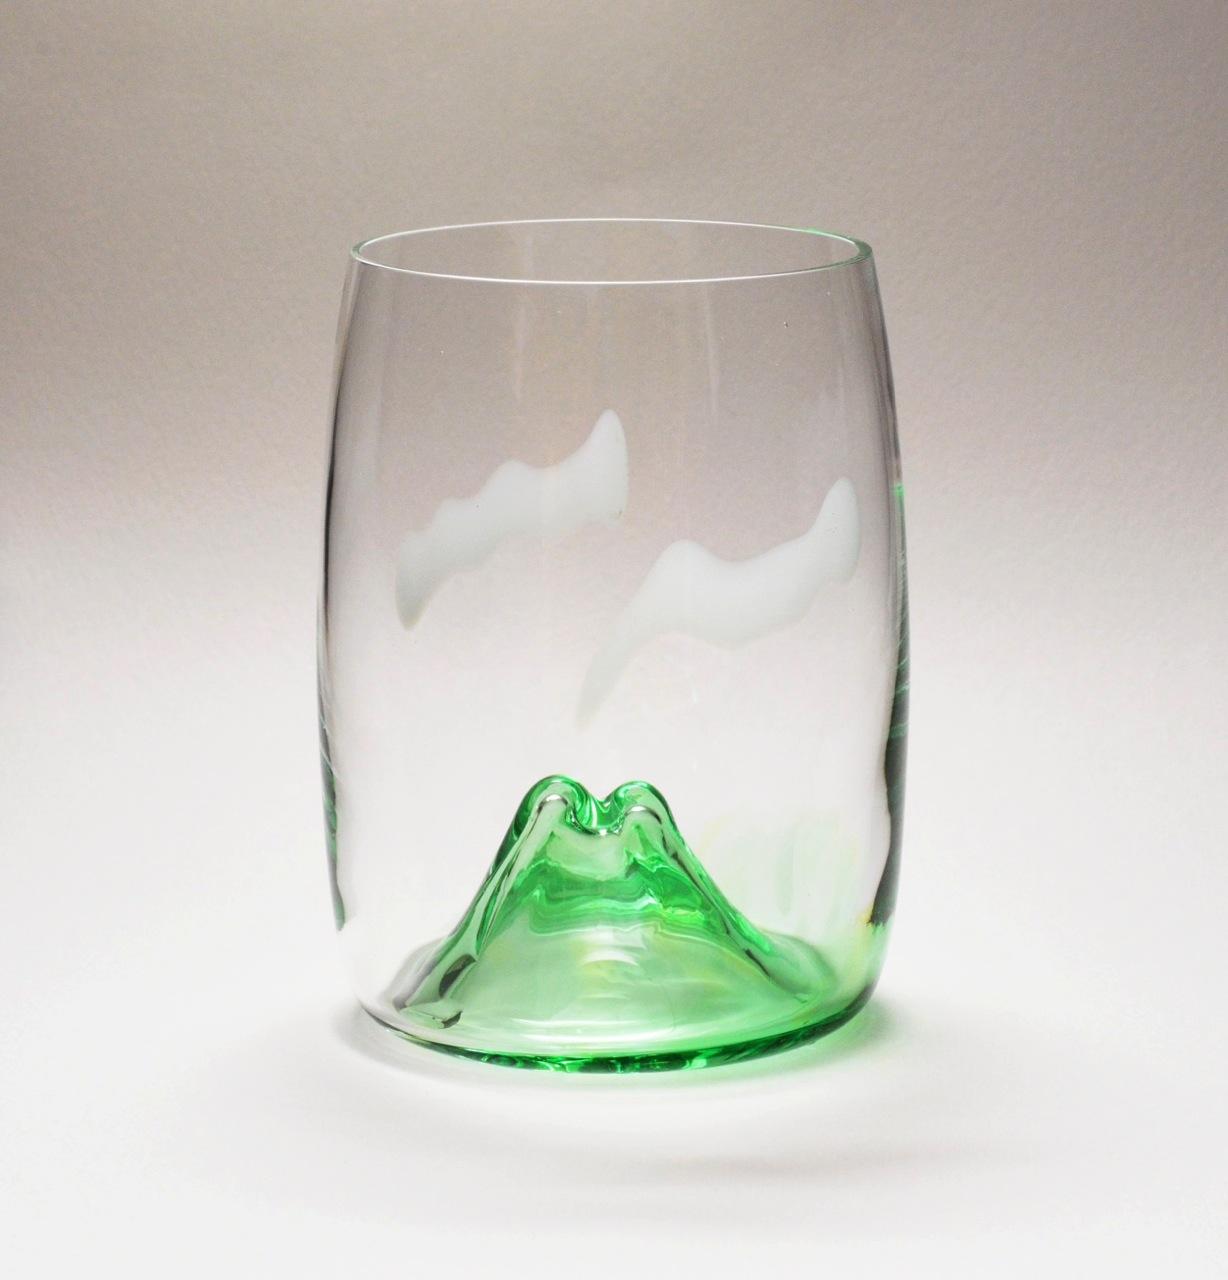 夕日に染まる山を見ながら飲むグラス